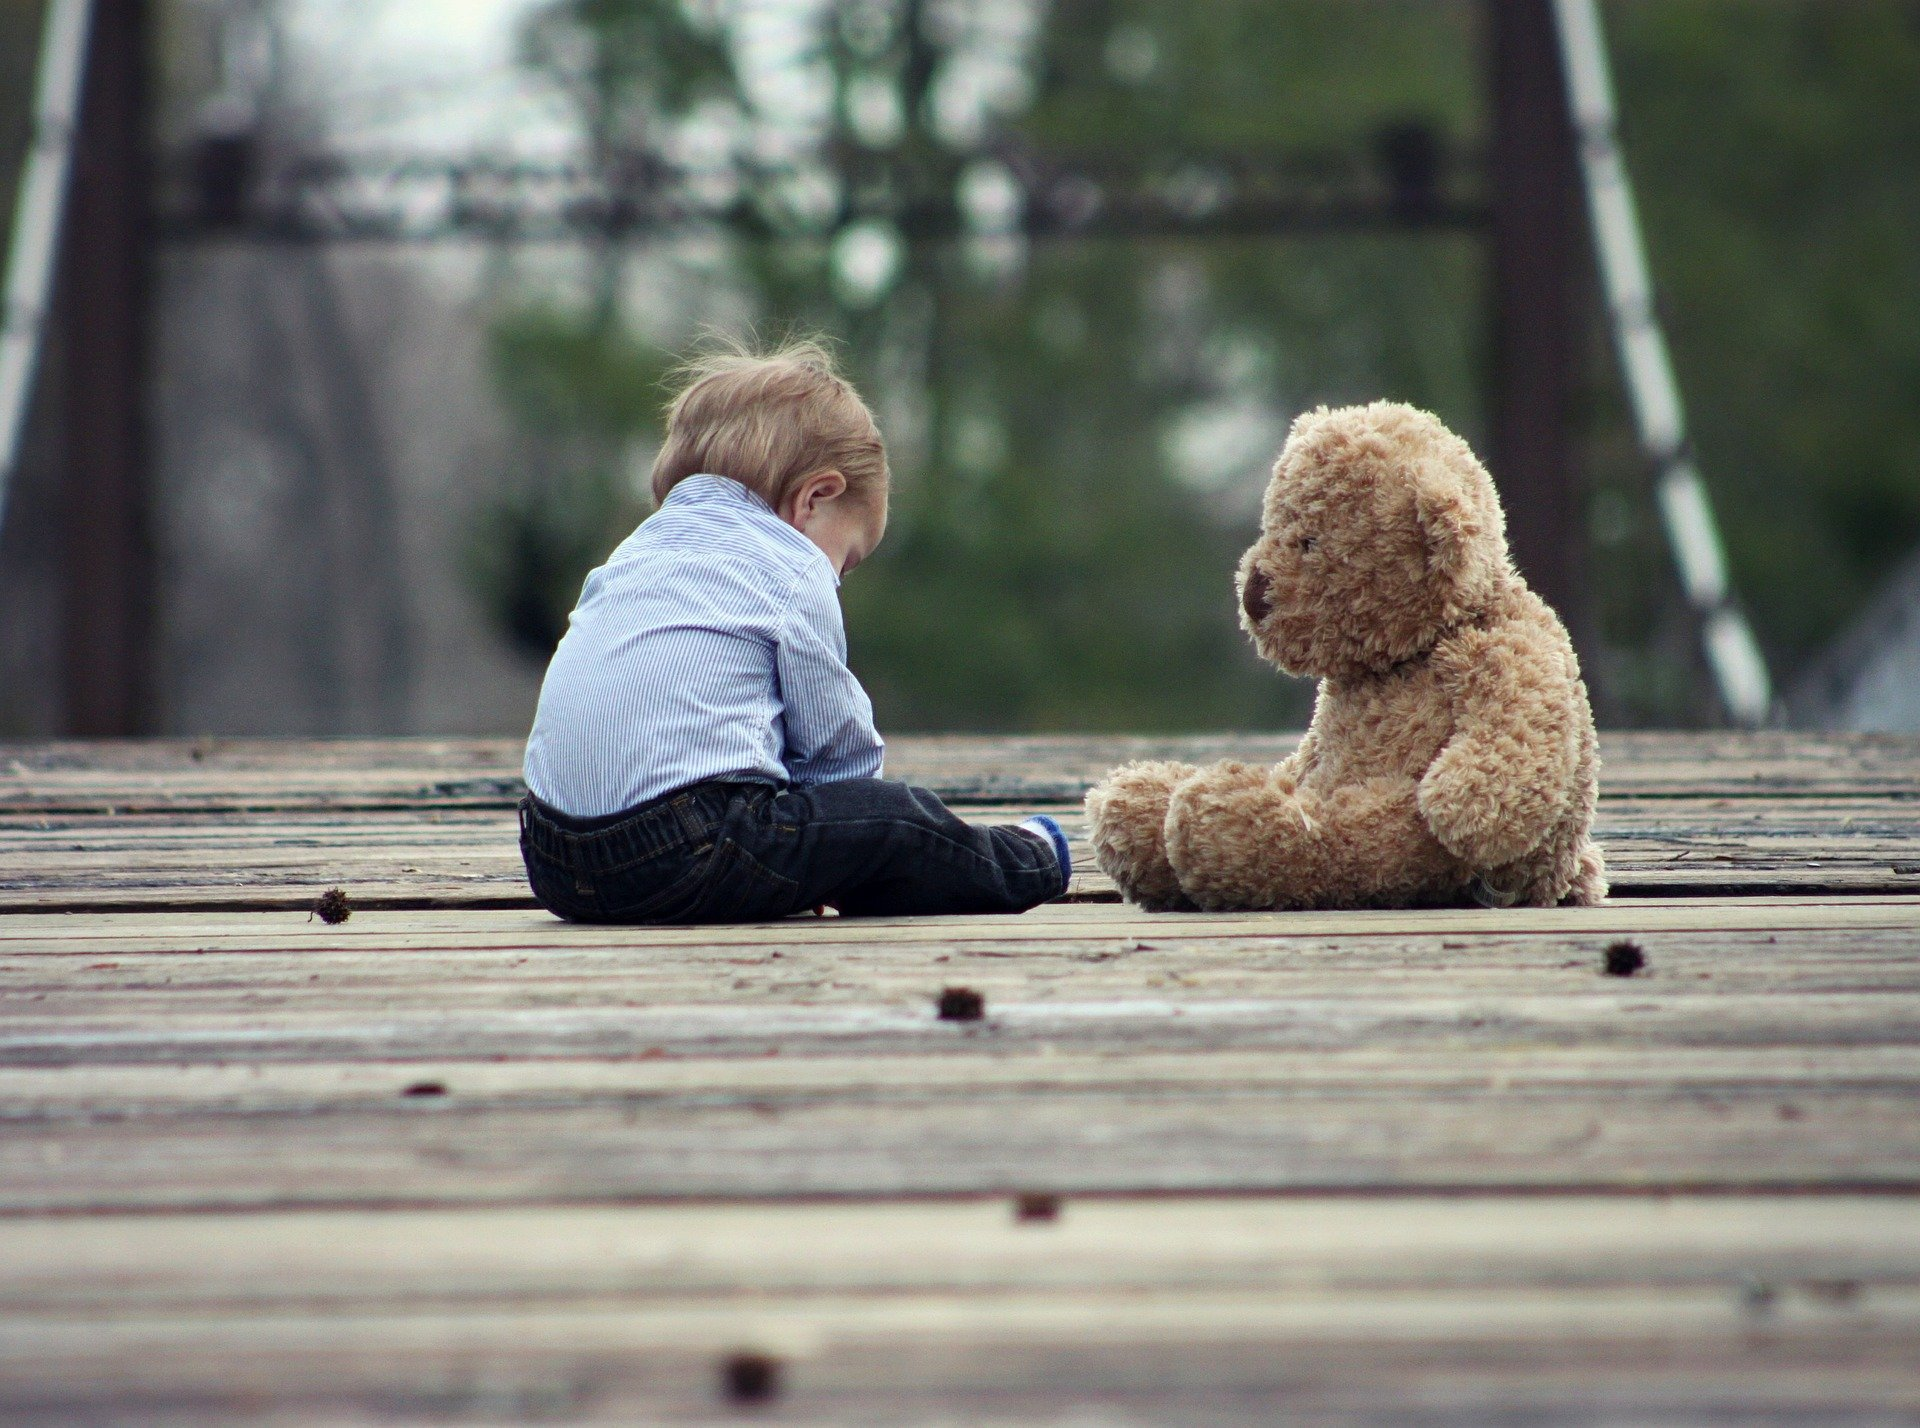 Wieviel Aufmerksamkeit braucht ein Kind? Zuwendung schenken, eigene Bedürfnisse wahren